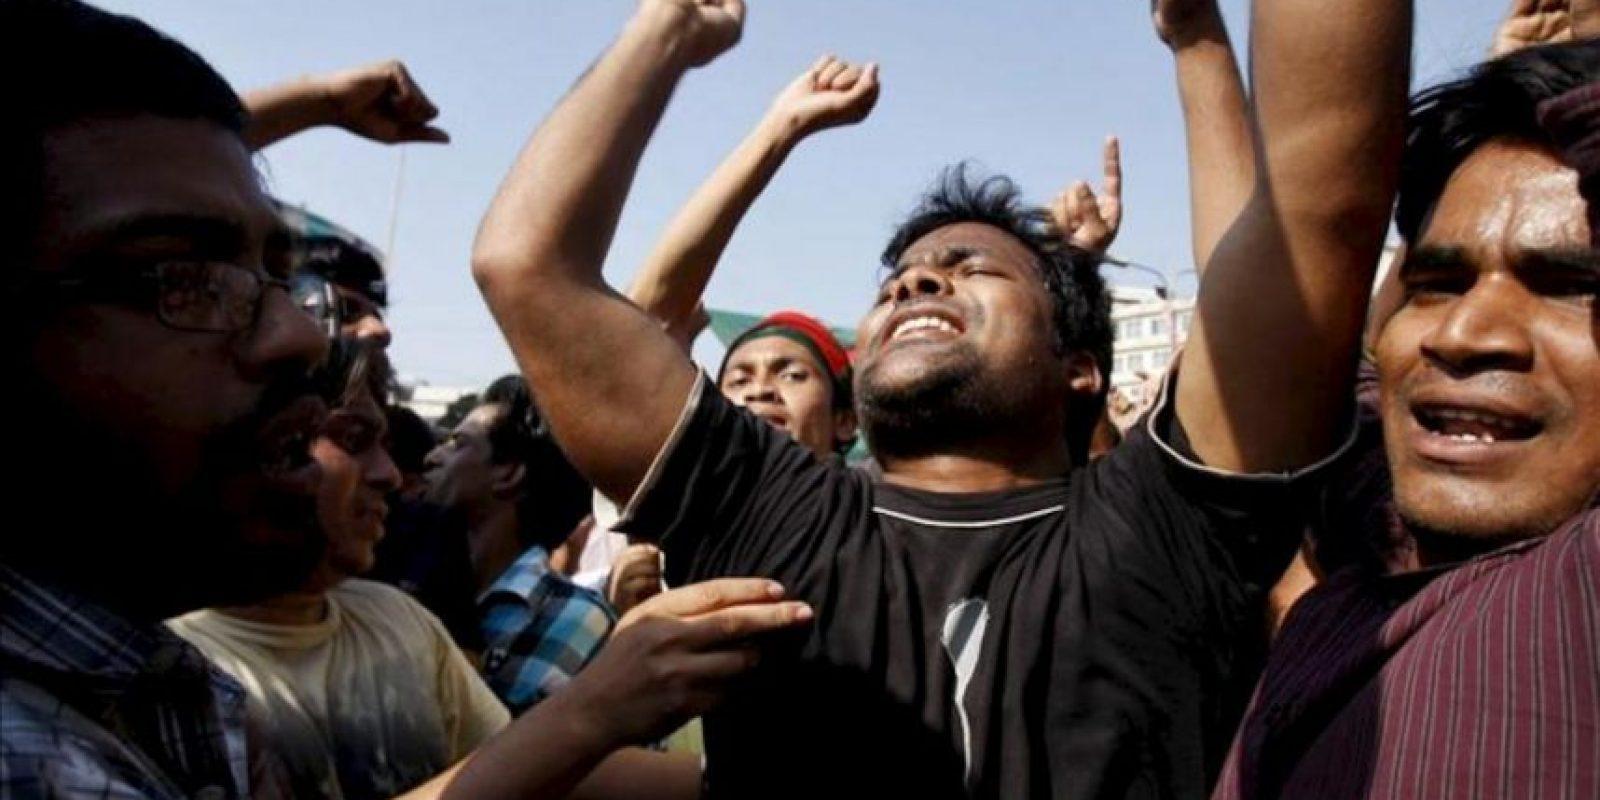 Estudiantes bengalíes celebran la condena de muerte dictada contra el líder del partido islamista Jamaat-e-Islami, Delawar Hossain Sayedi, en los alrededores del tribunal en Dacca (Bangladesh). EFE